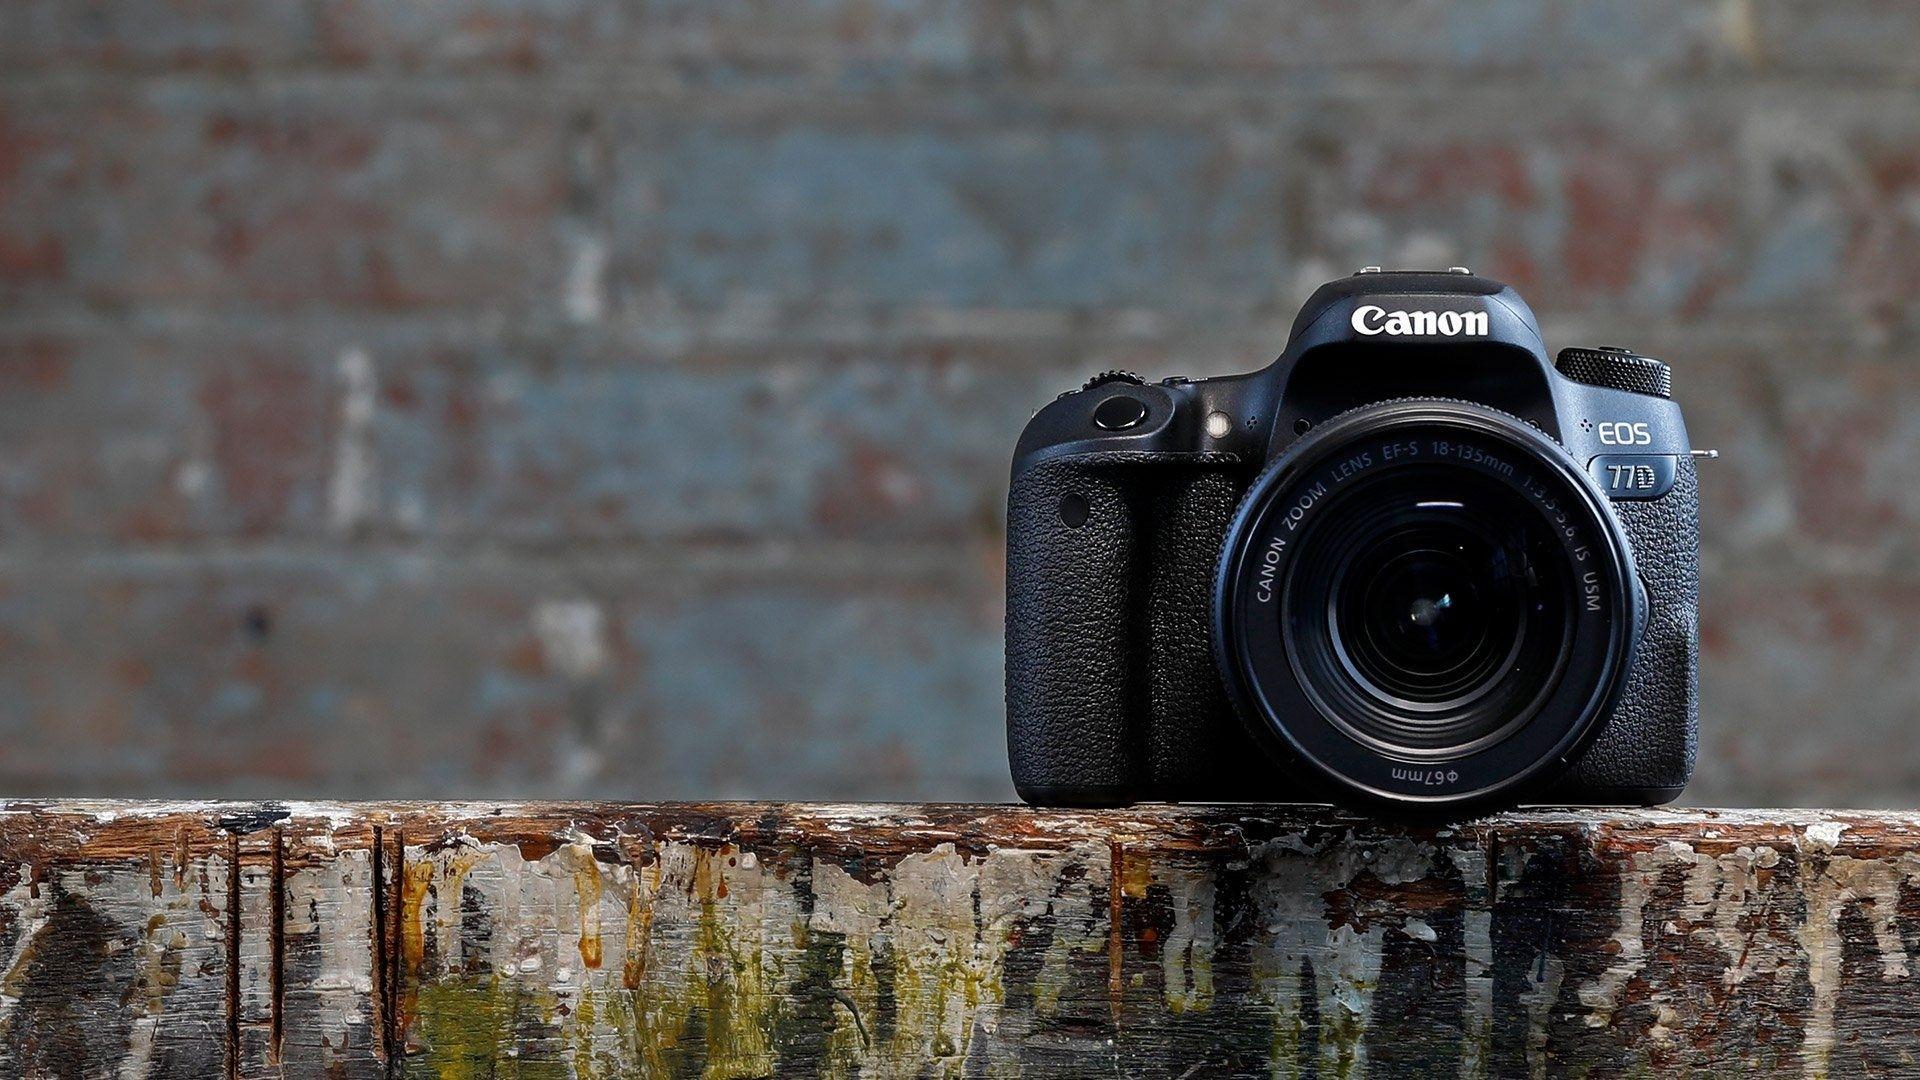 Camera a wallpaper